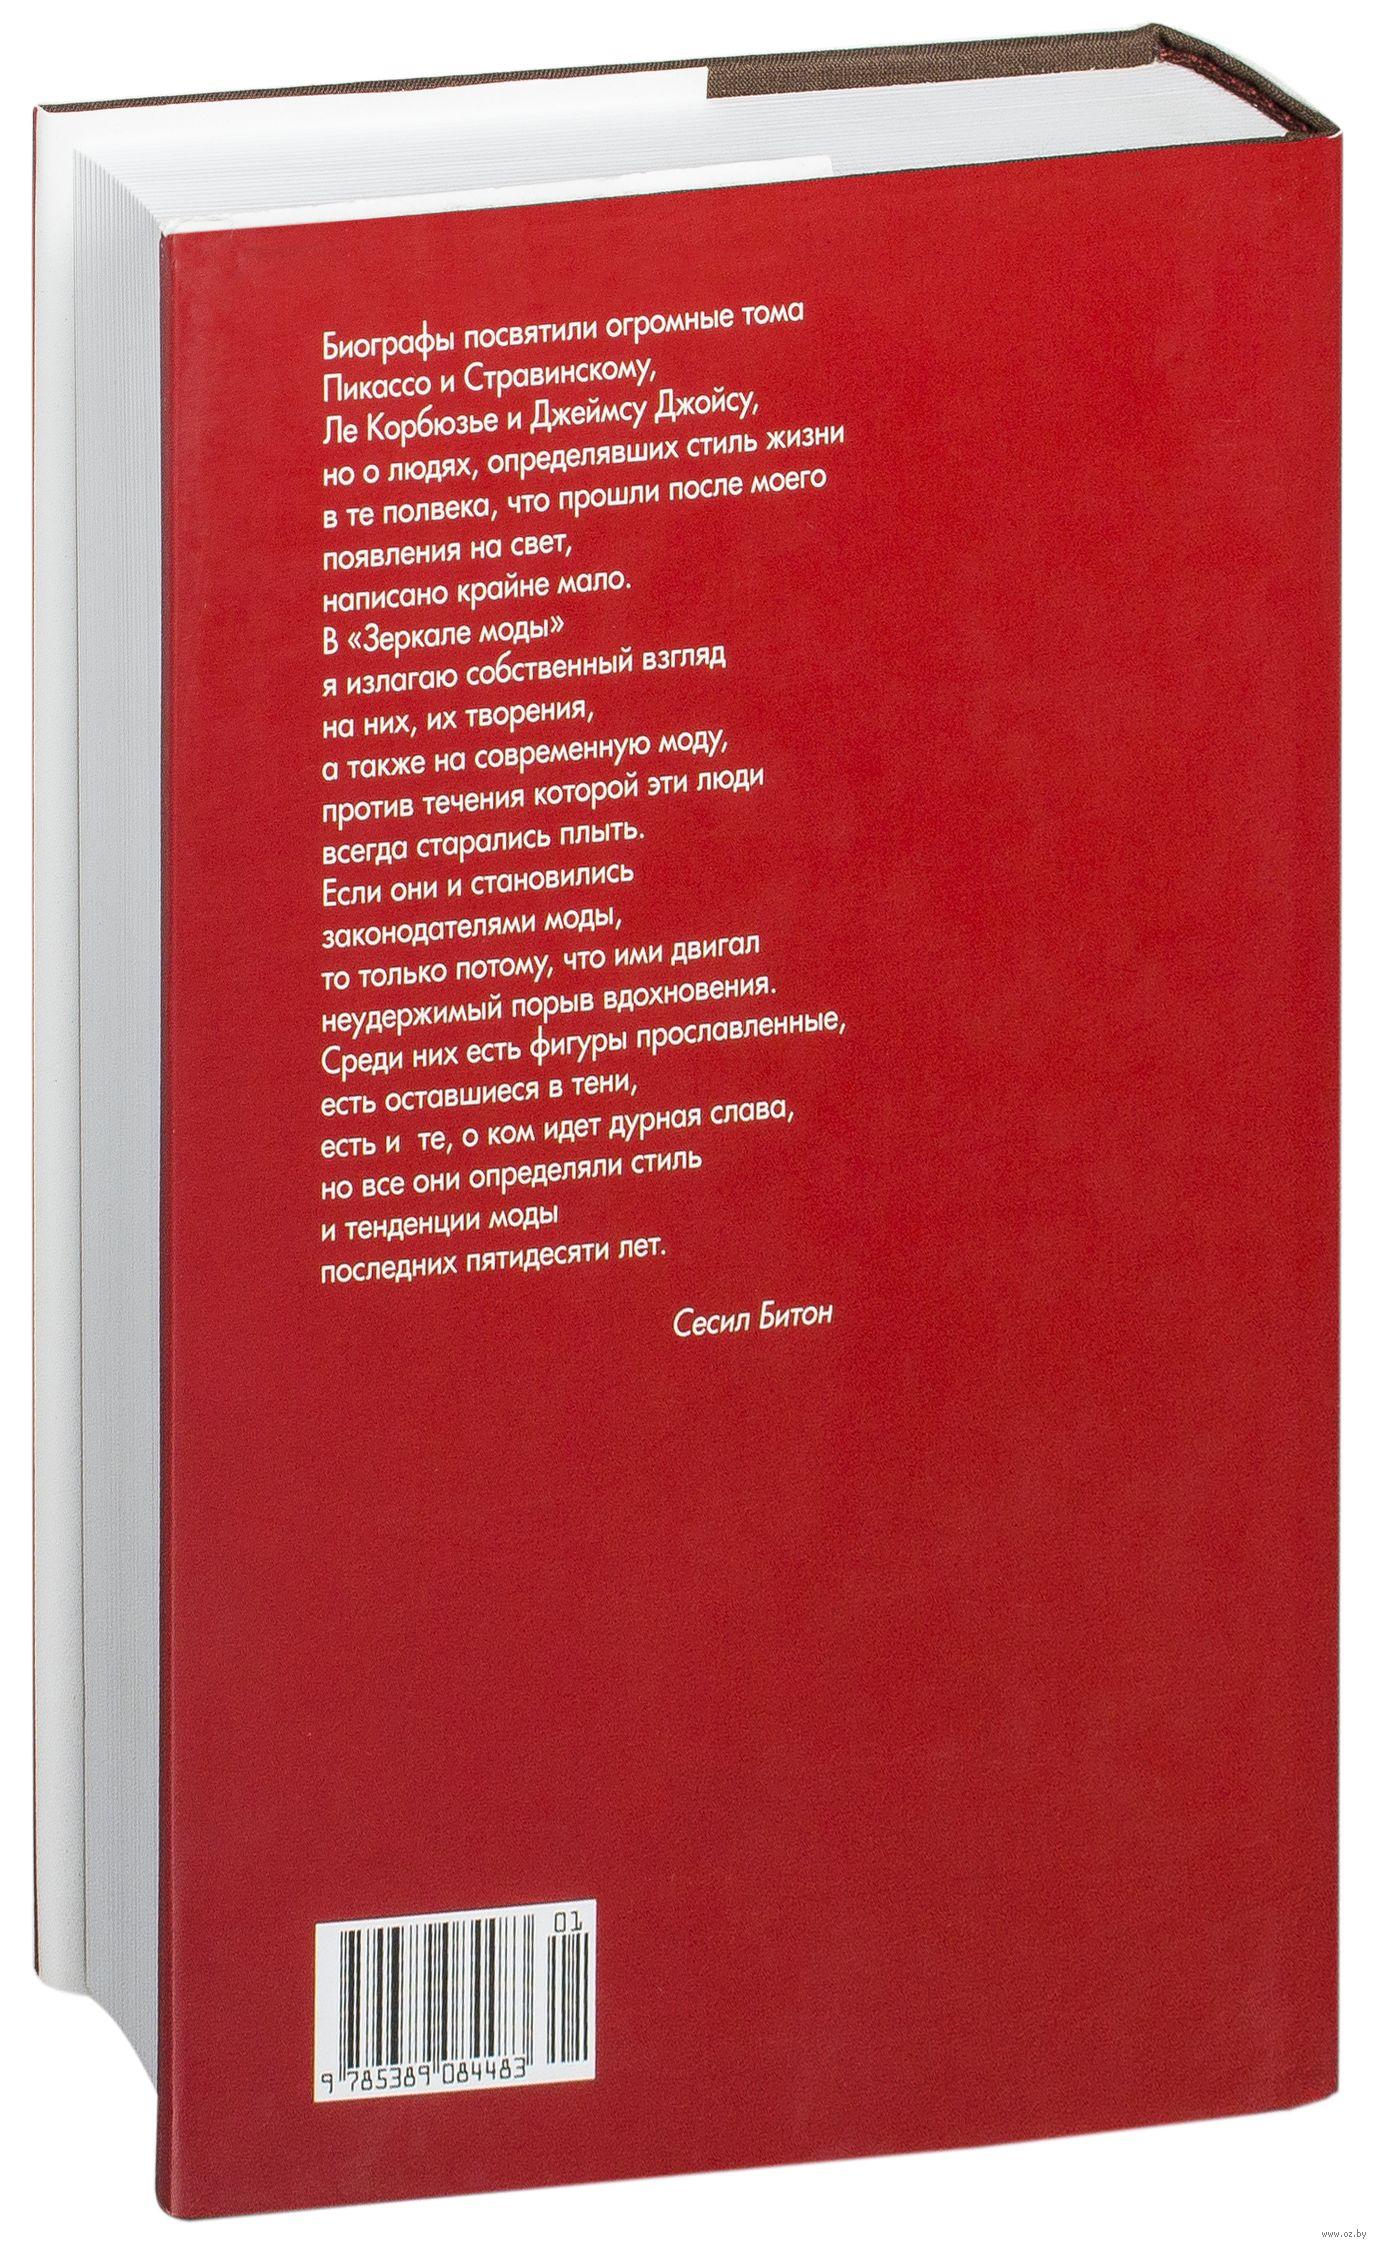 «Зеркало моды» Сесил Битон - купить книгу «Зеркало моды» в ... 7b38d8af0b9